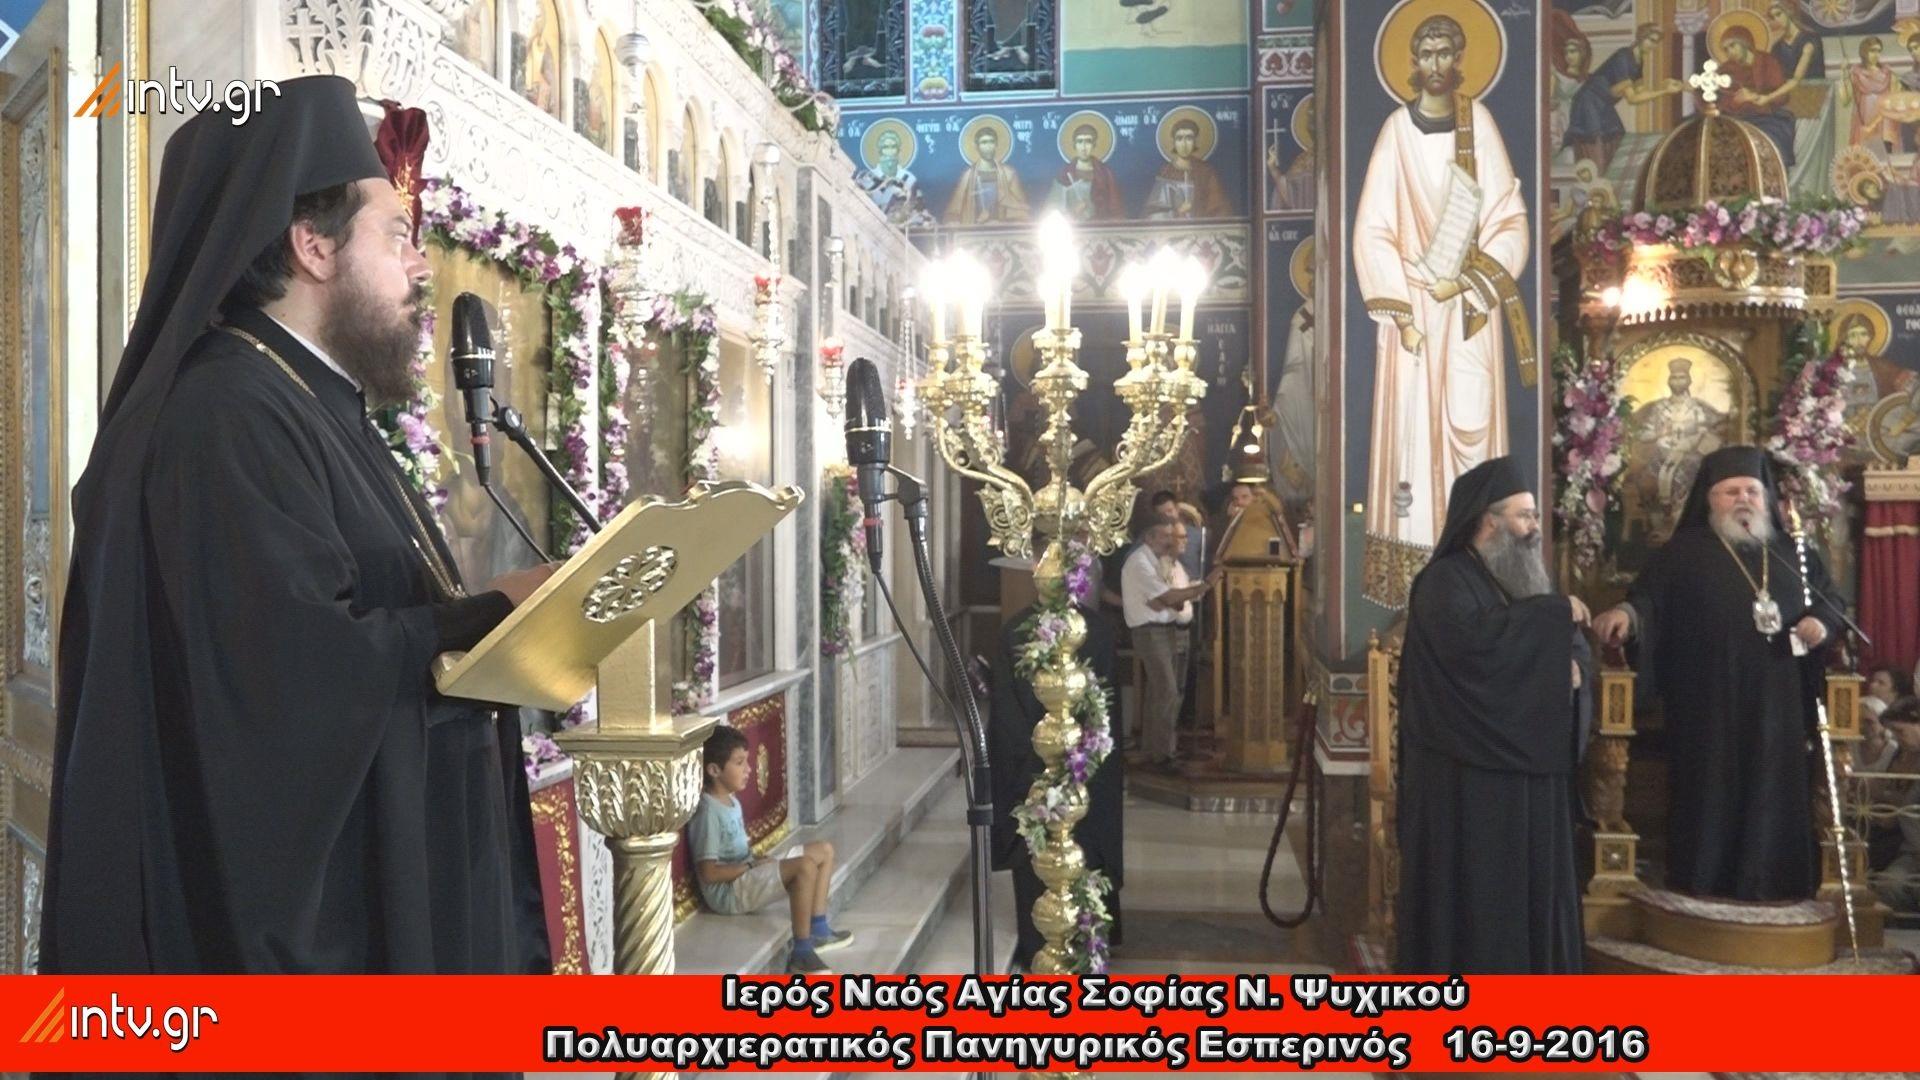 Πολυαρχιερατικός Πανηγυρικός Εσπερινός - Ιερός Ναός Αγίας Σοφίας Ν. Ψυχικού.